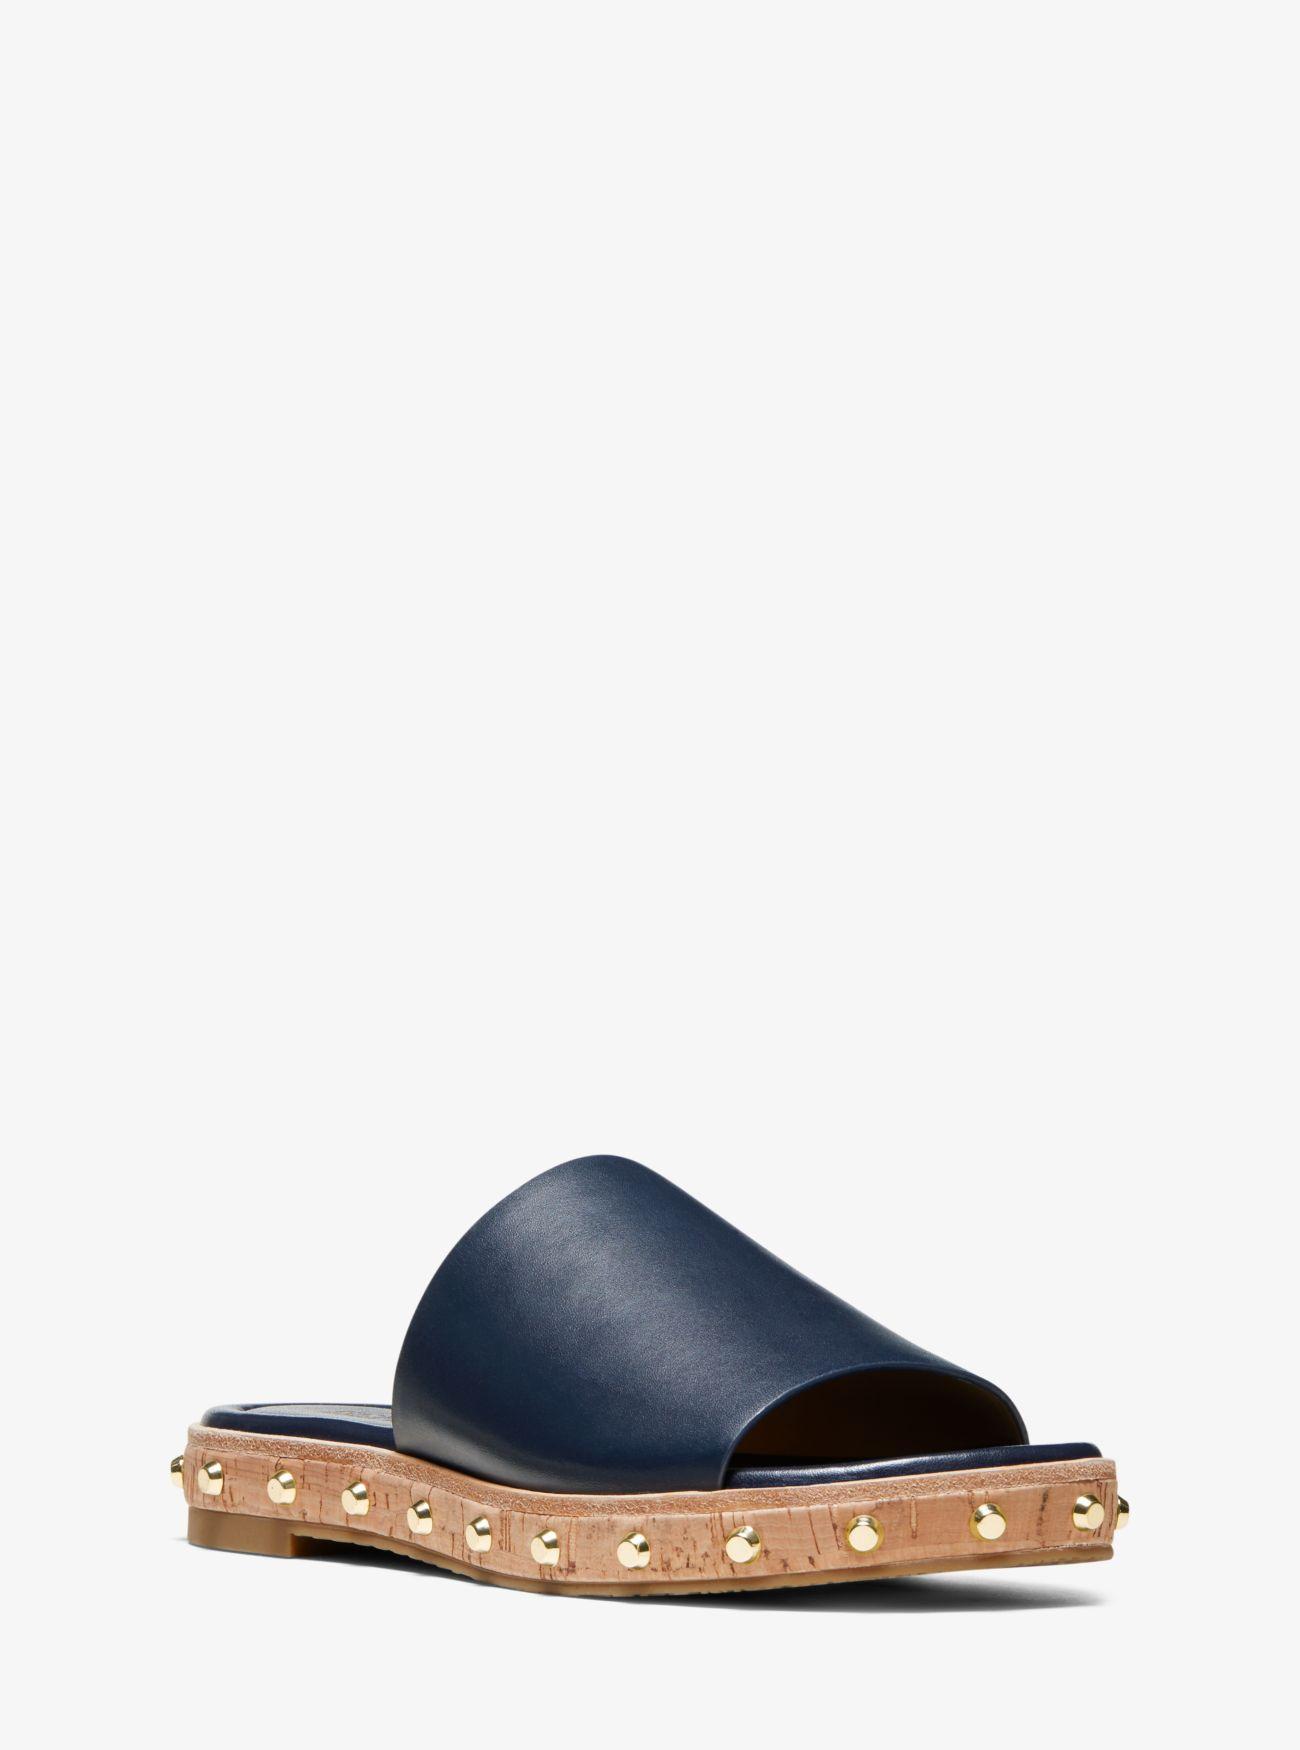 176f0c1b5fe6 Lyst - Michael Kors Ellen Leather Slide Sandal in Blue